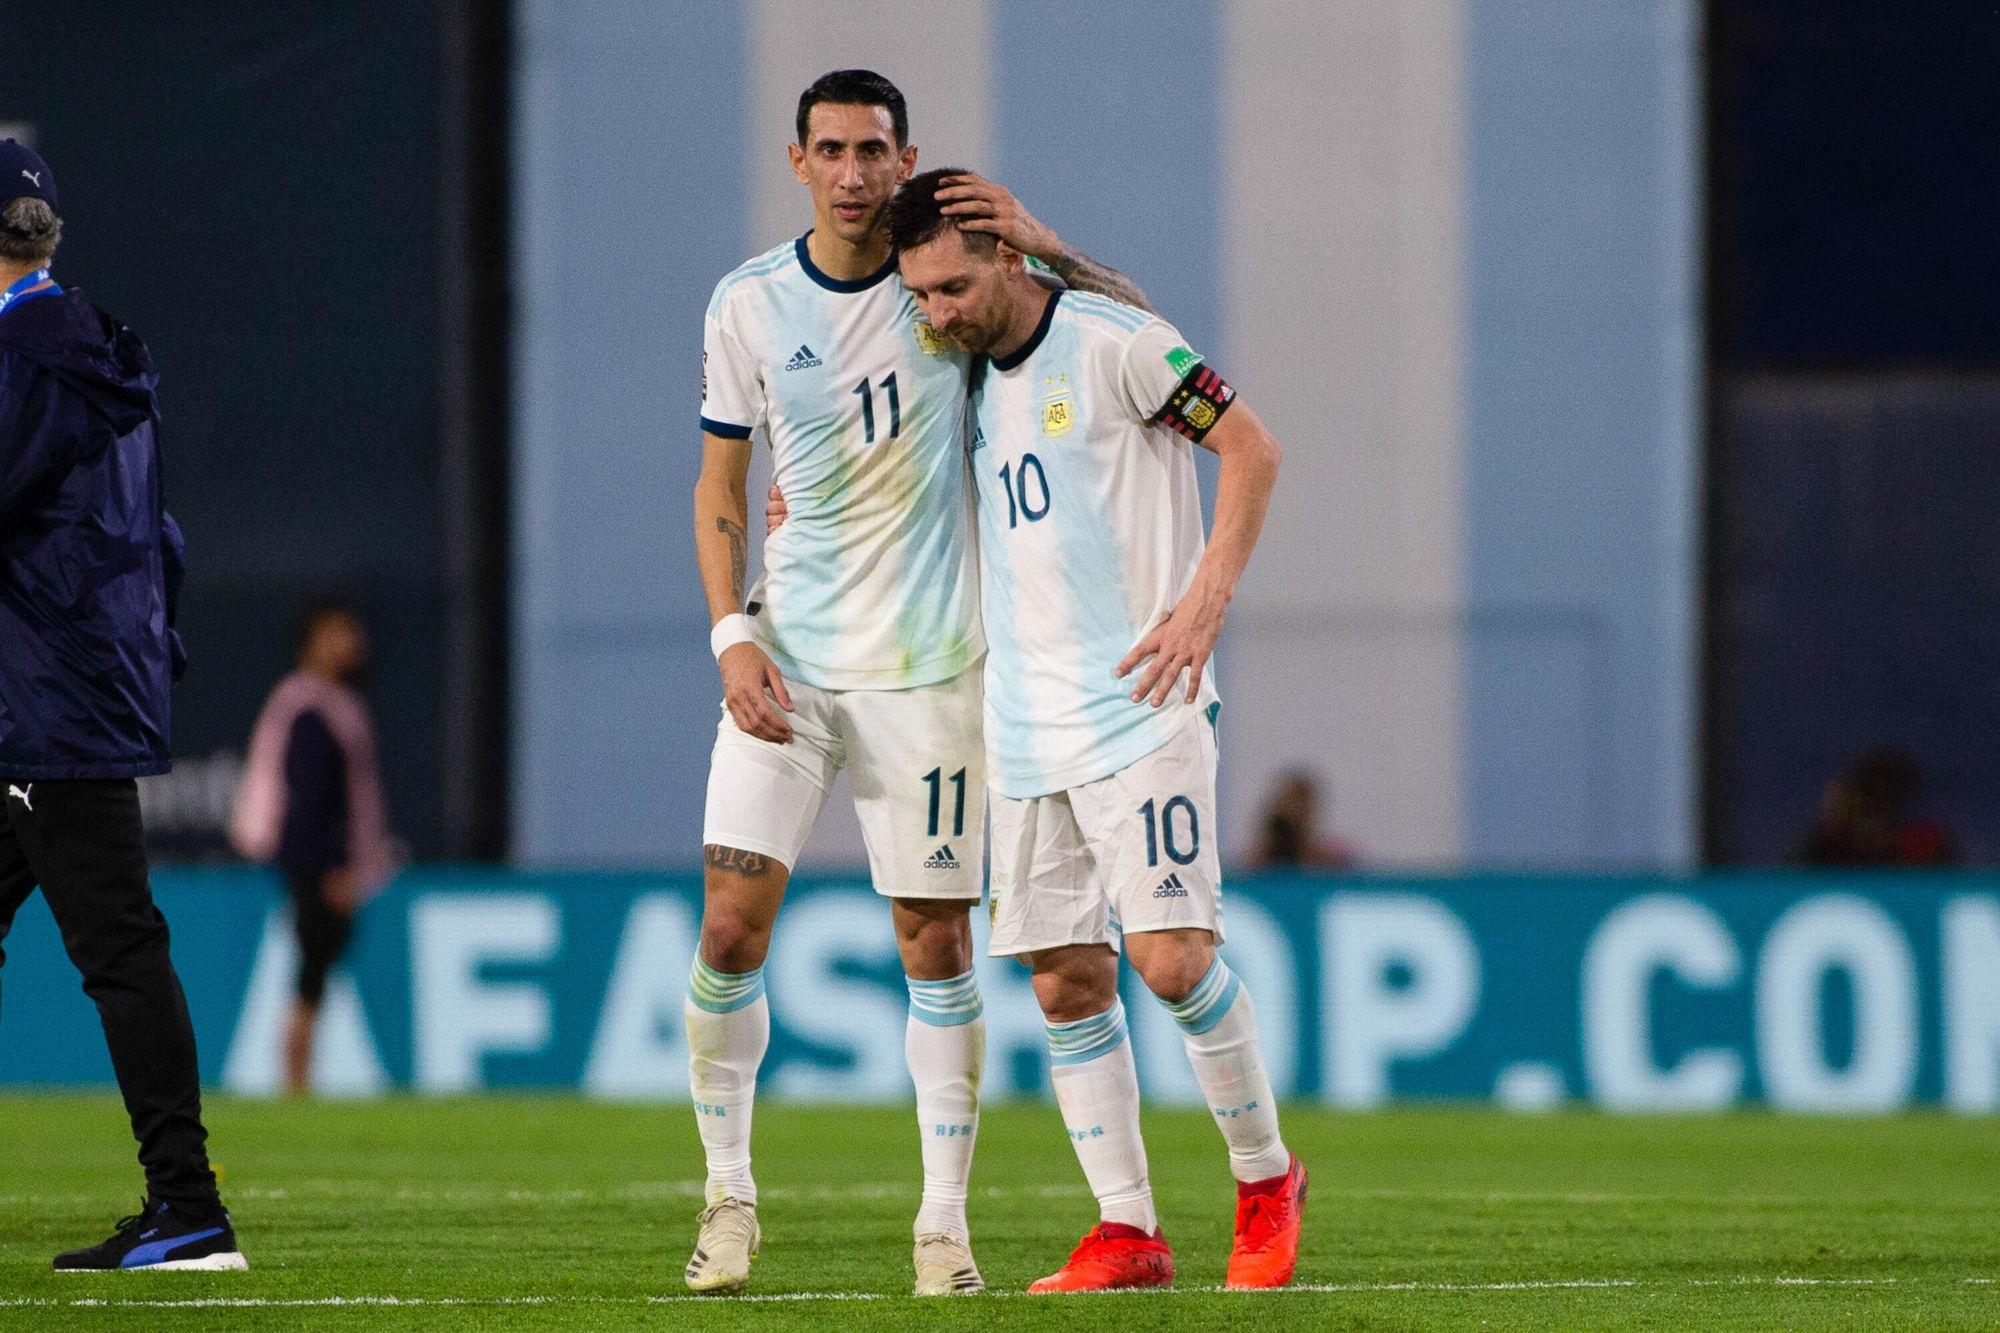 Argentine/Paraguay - Paredes titulaire et Di Maria entré au cours du match nul